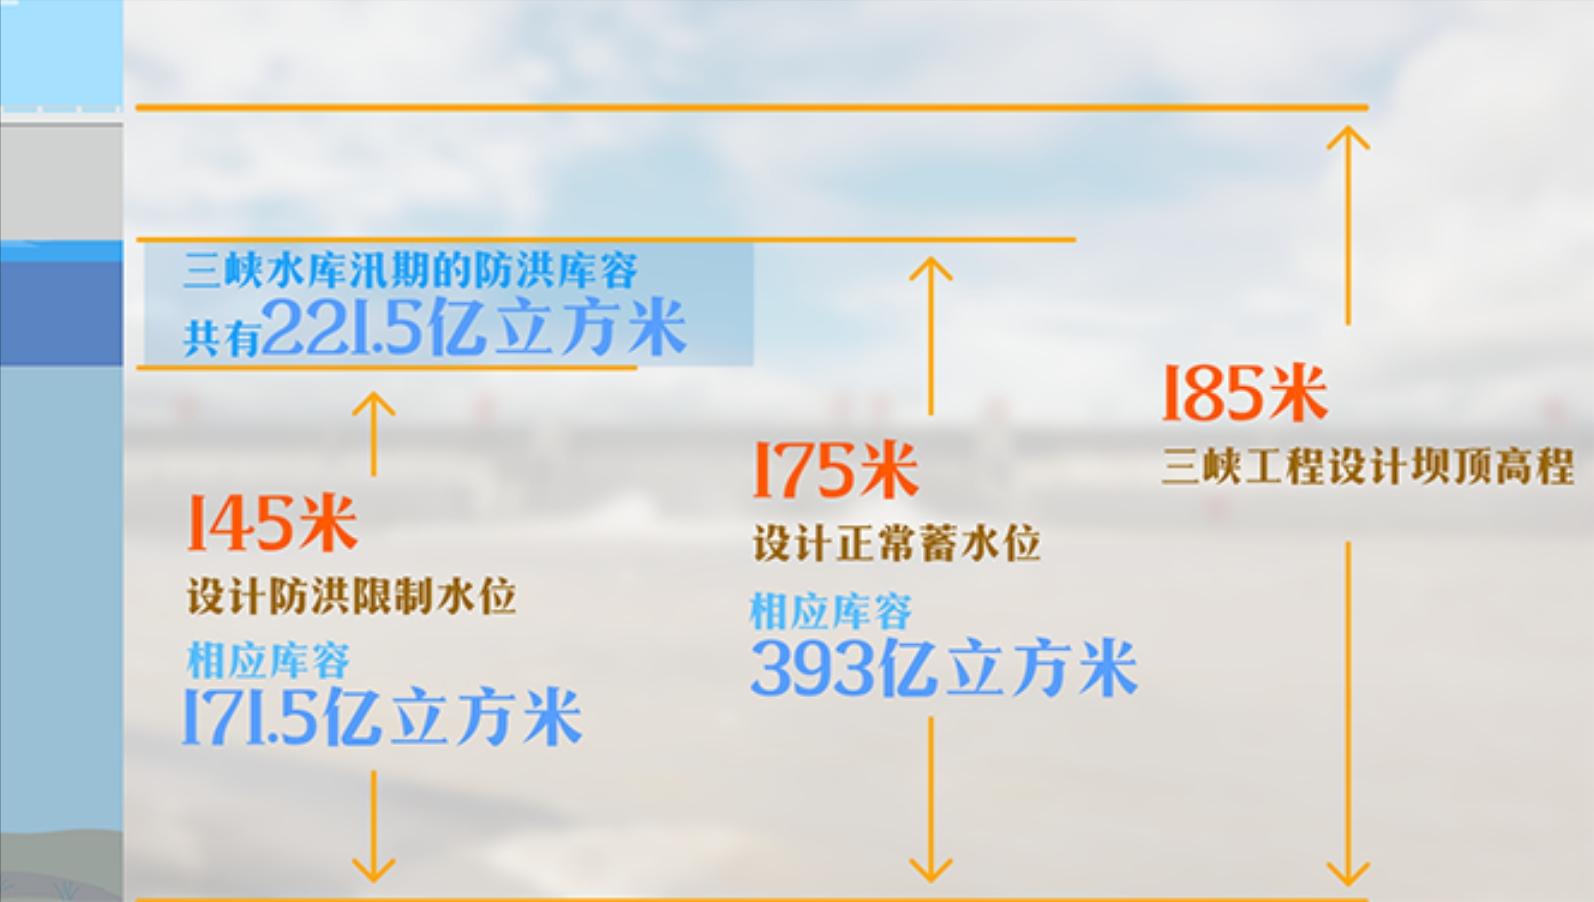 """43亿枚!三峡水库为家鱼""""让路"""",产卵量创新高,长江有救了?"""